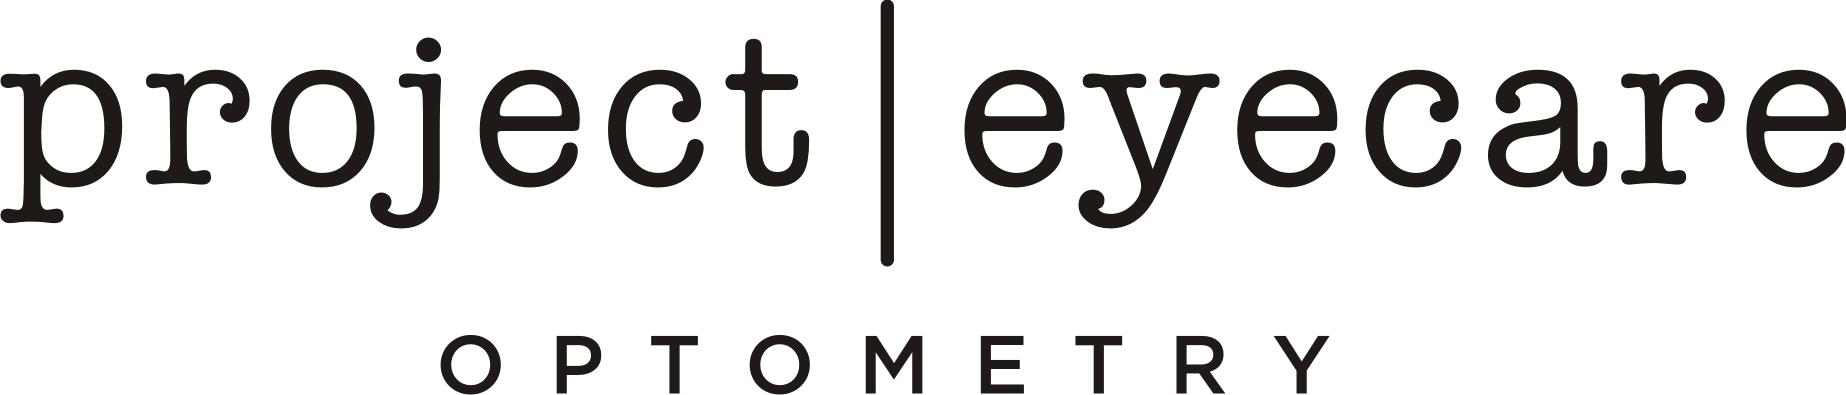 Project Eyecare Optometry Logo